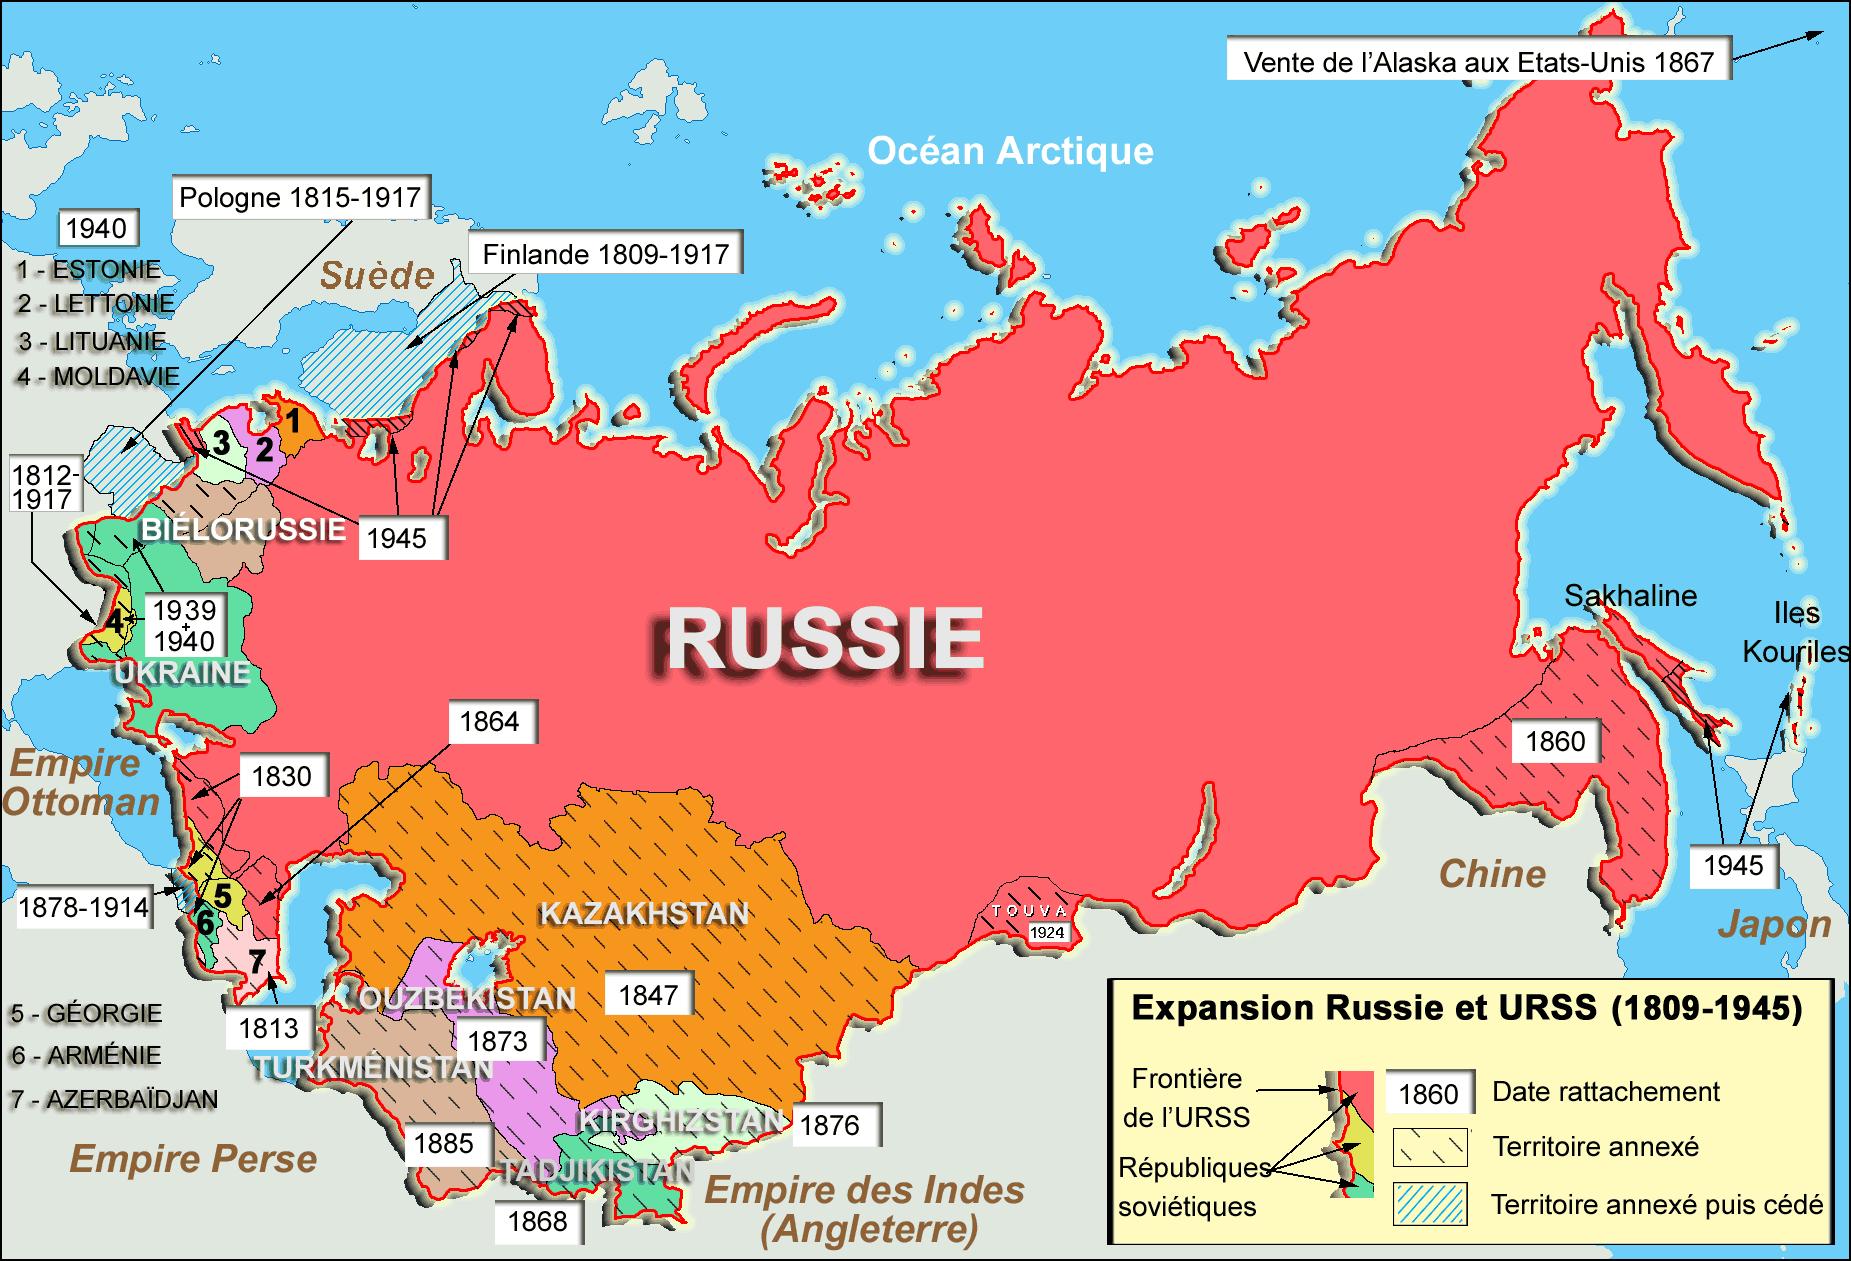 Χάρτης της Ρωσία και της μετέπειτα ΕΣΣΔ. Carte de l'expansion de la Russie et de l'URSS de 1812 à 1945.